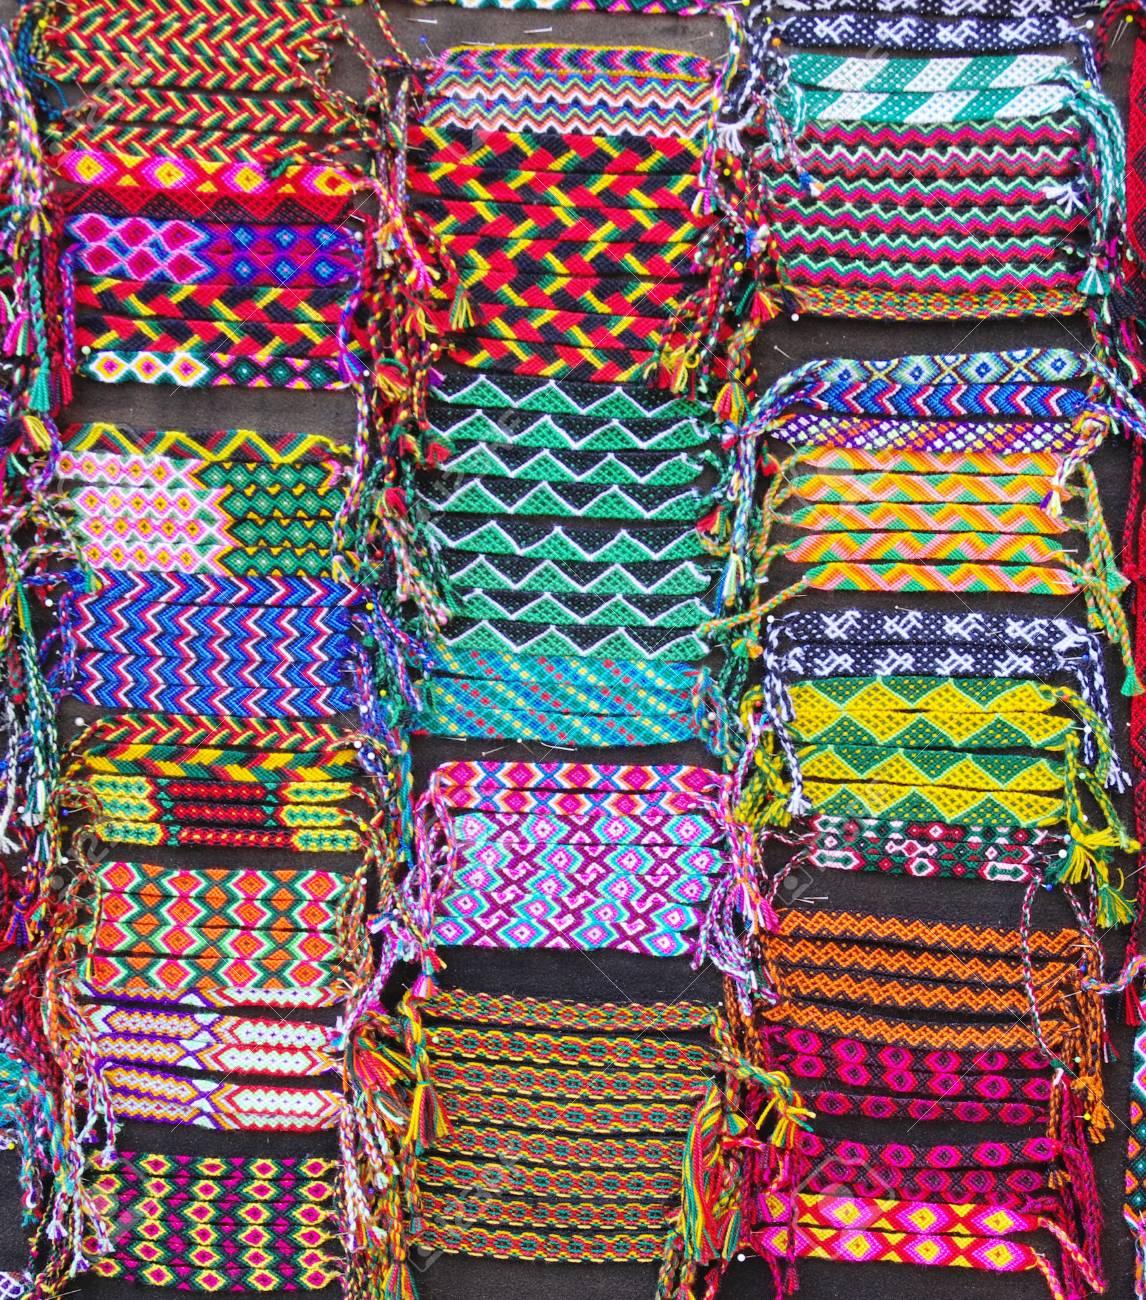 9bf46c042051 Foto de archivo - Pulseras tejidas coloridas para la venta